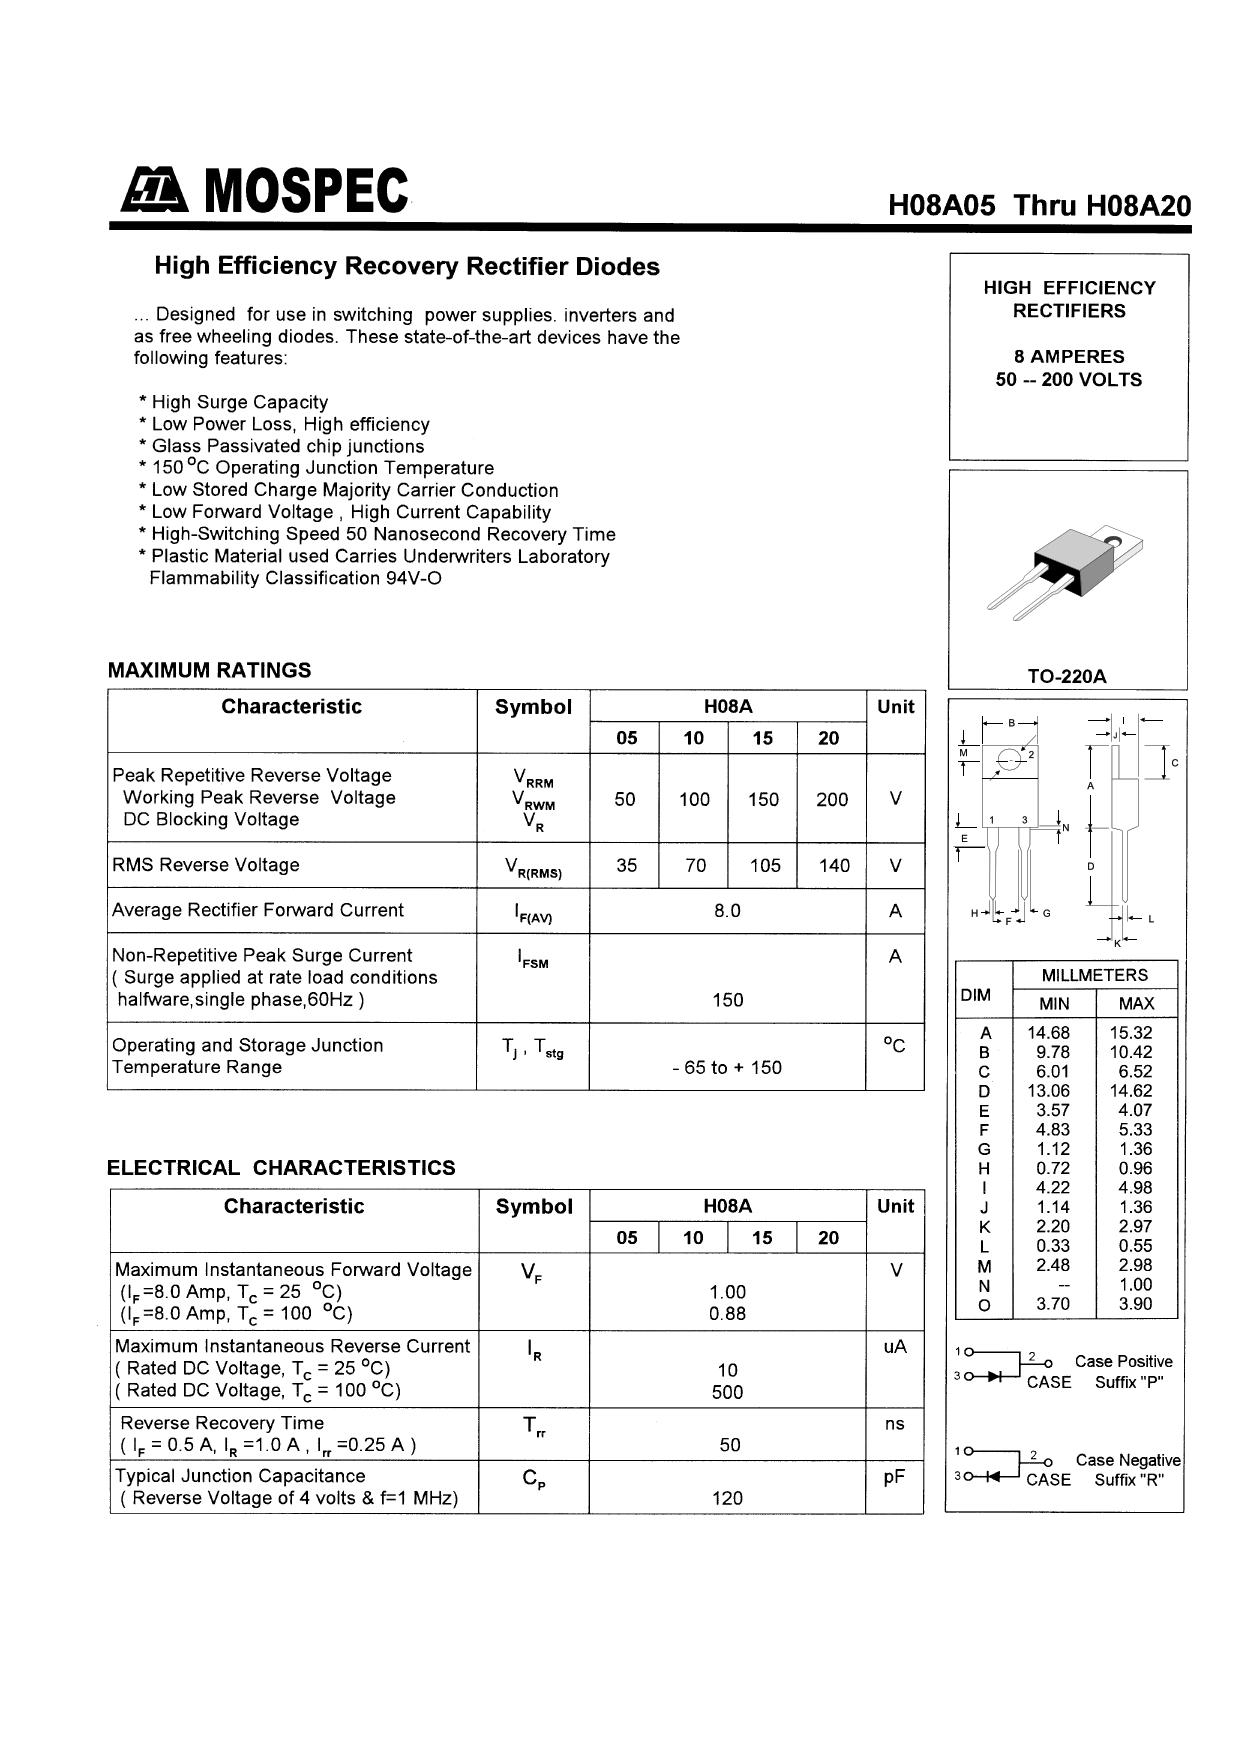 H05A05 datasheet